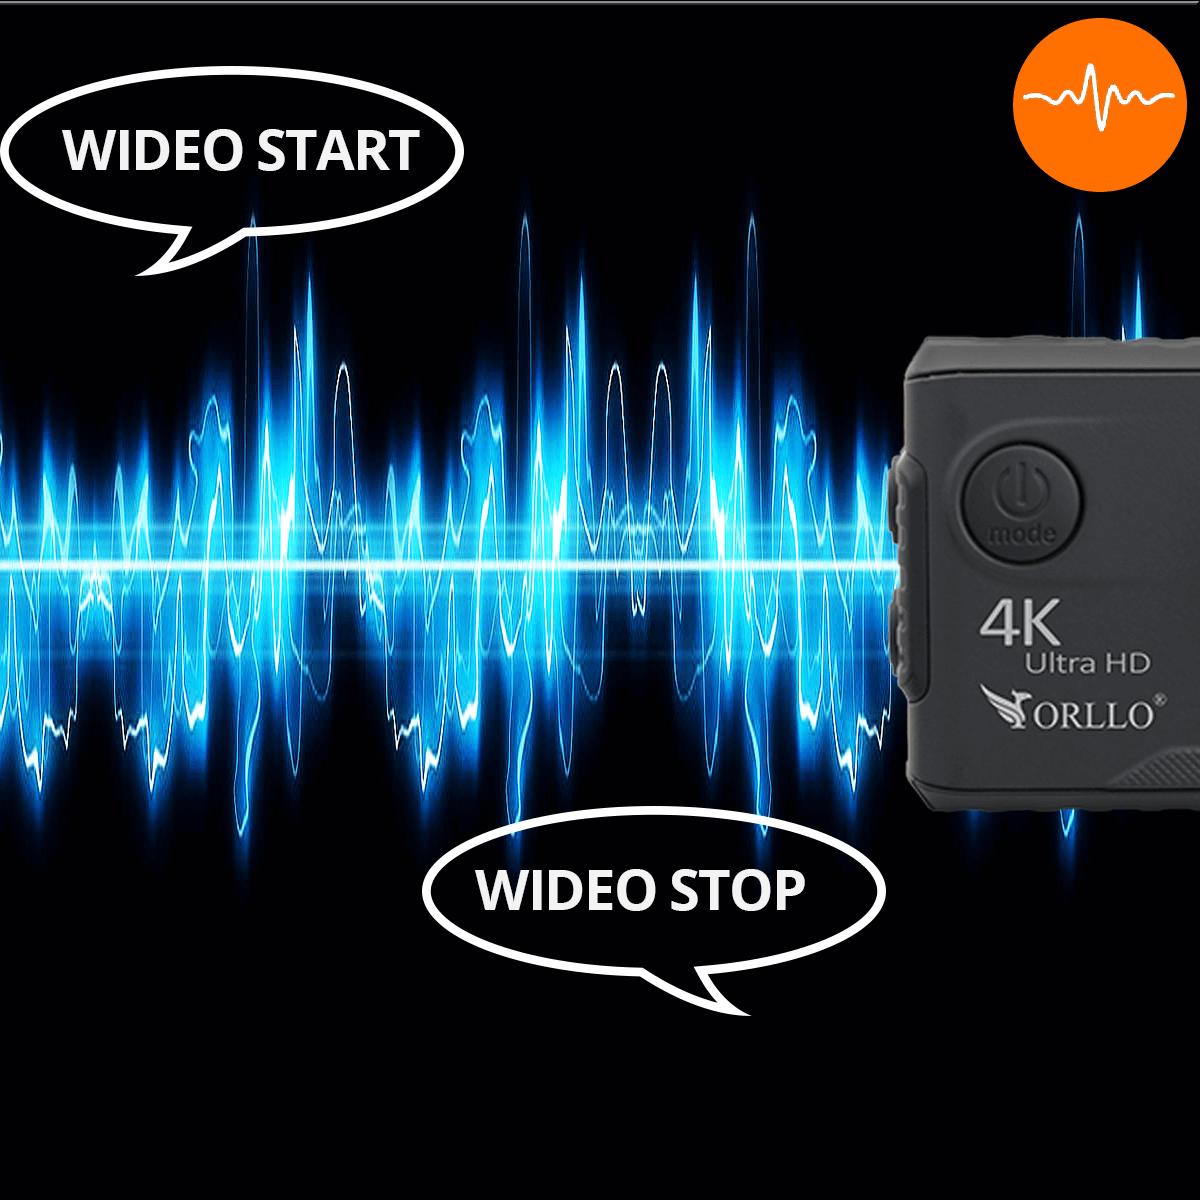 kamera-sportowa-sterowanie-głosem-orllo-pl